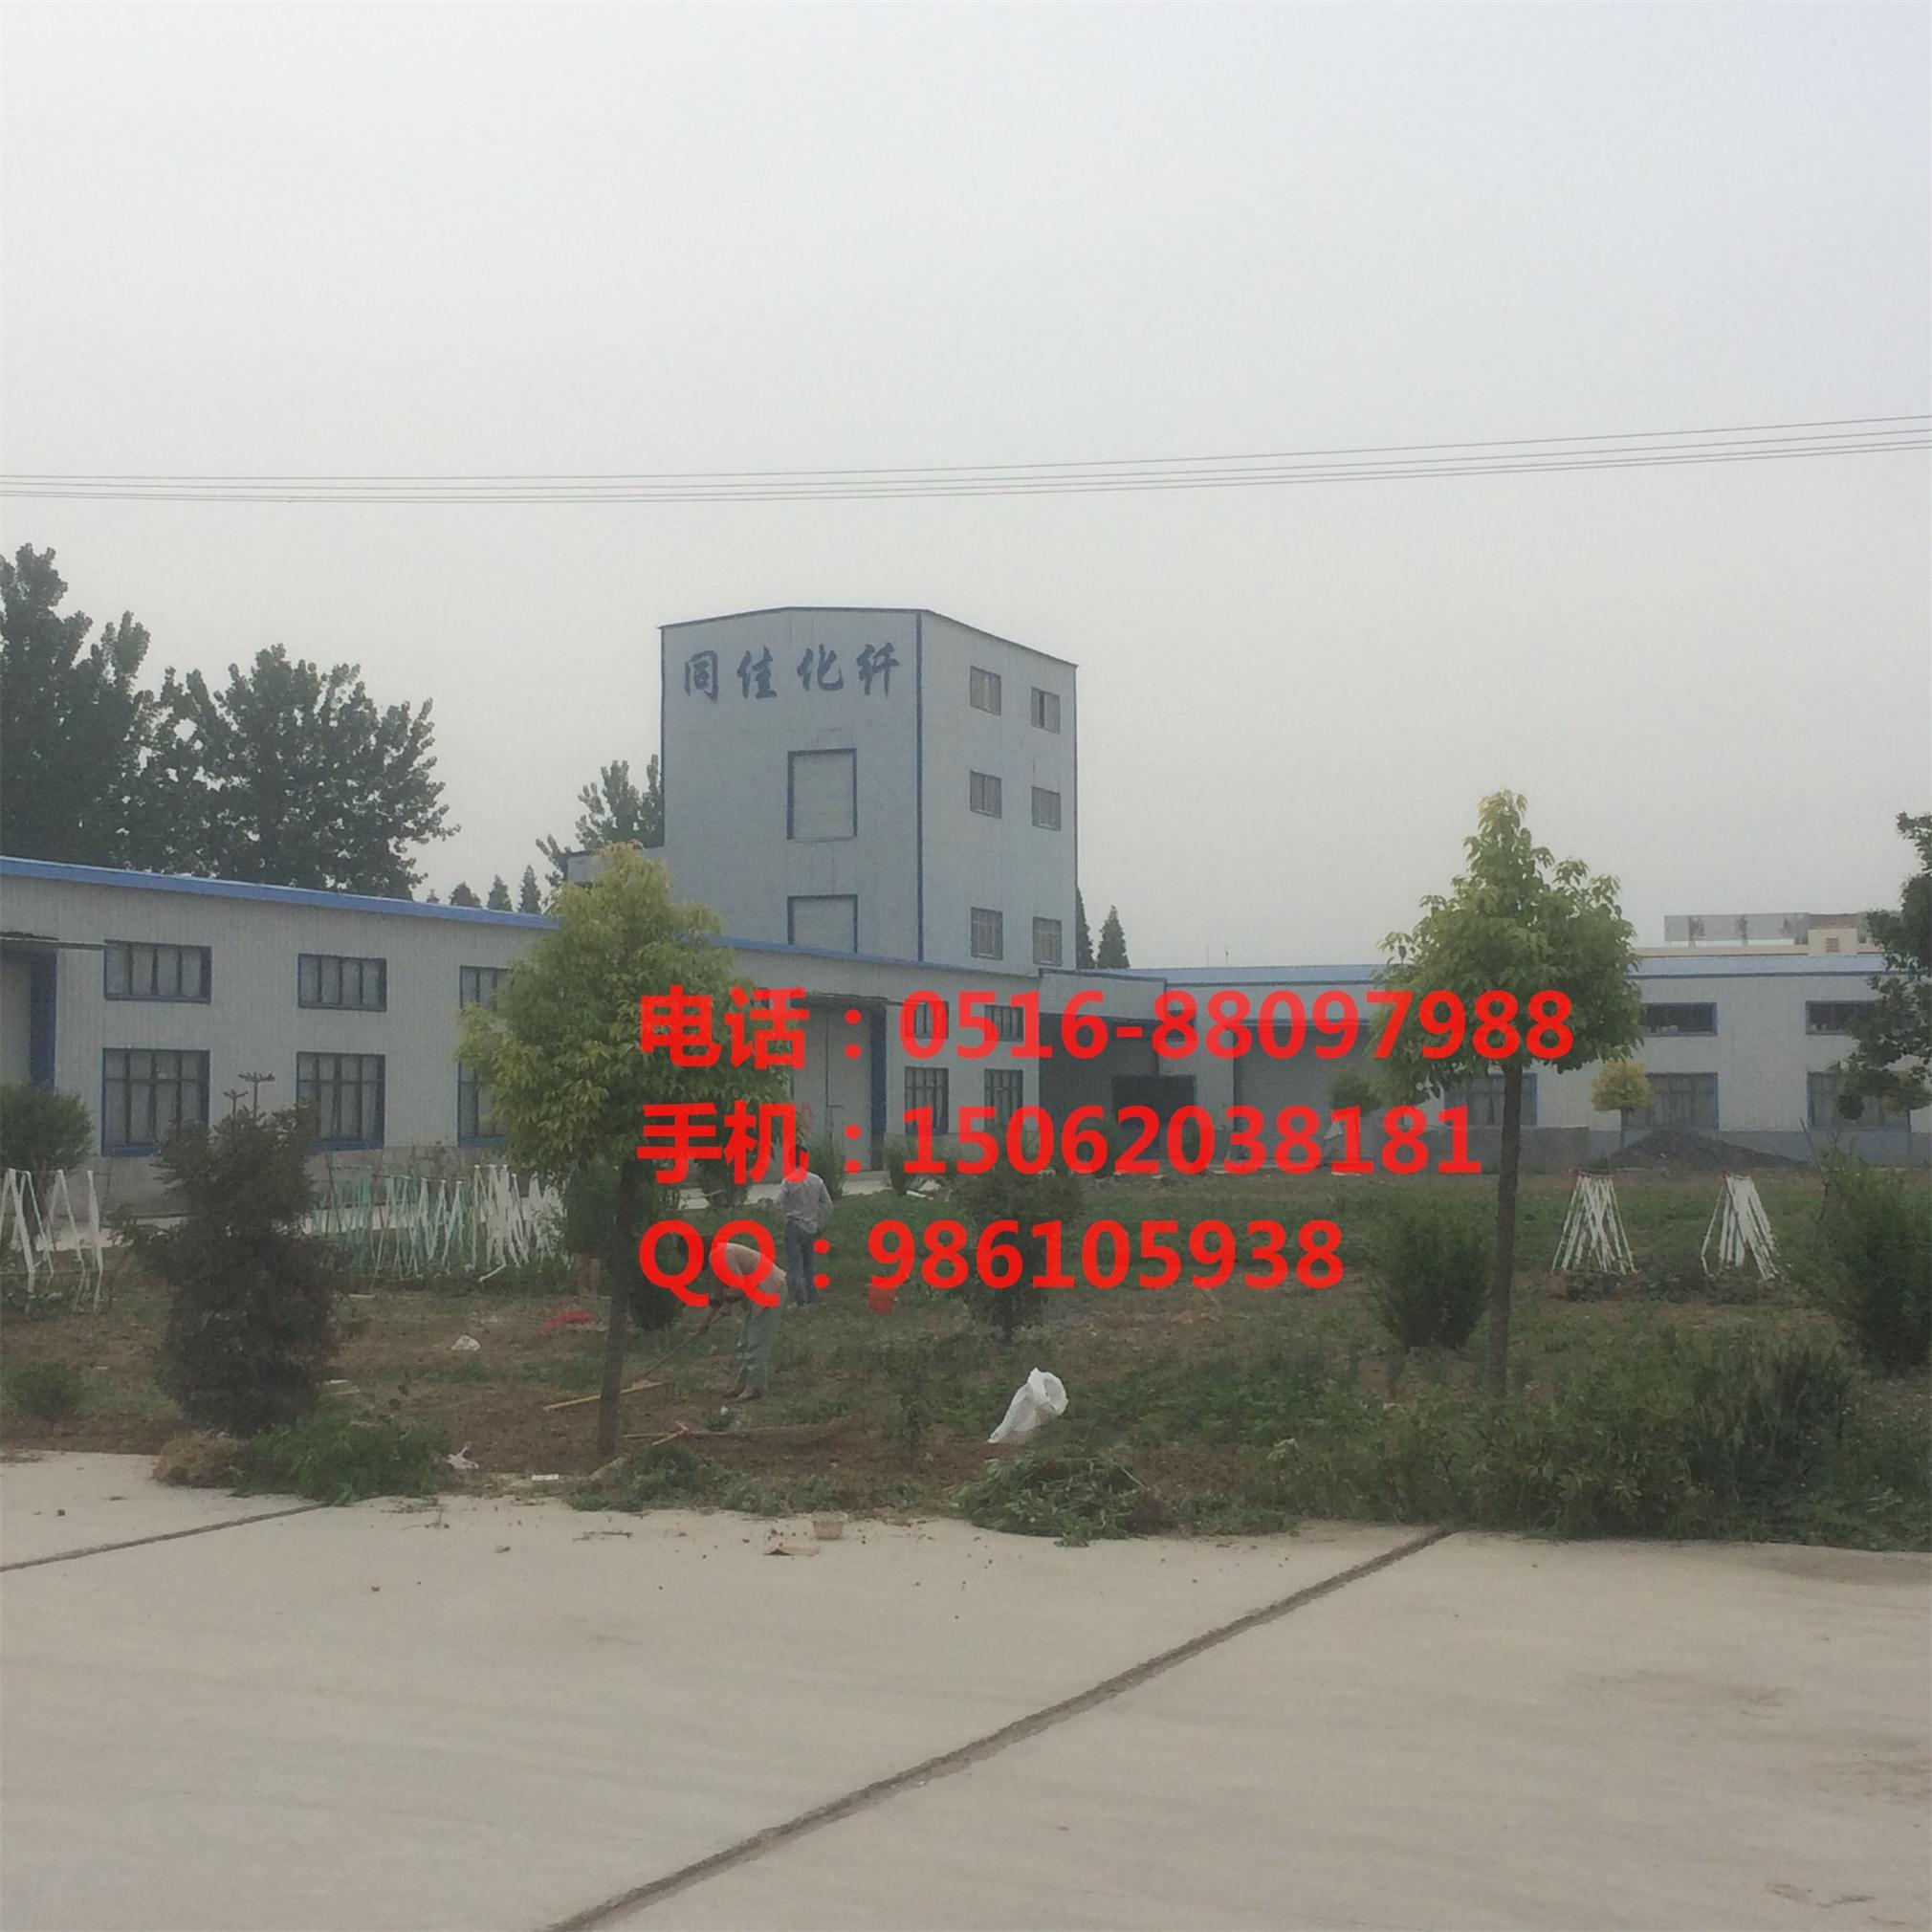 睢宁县同佳化纤厂